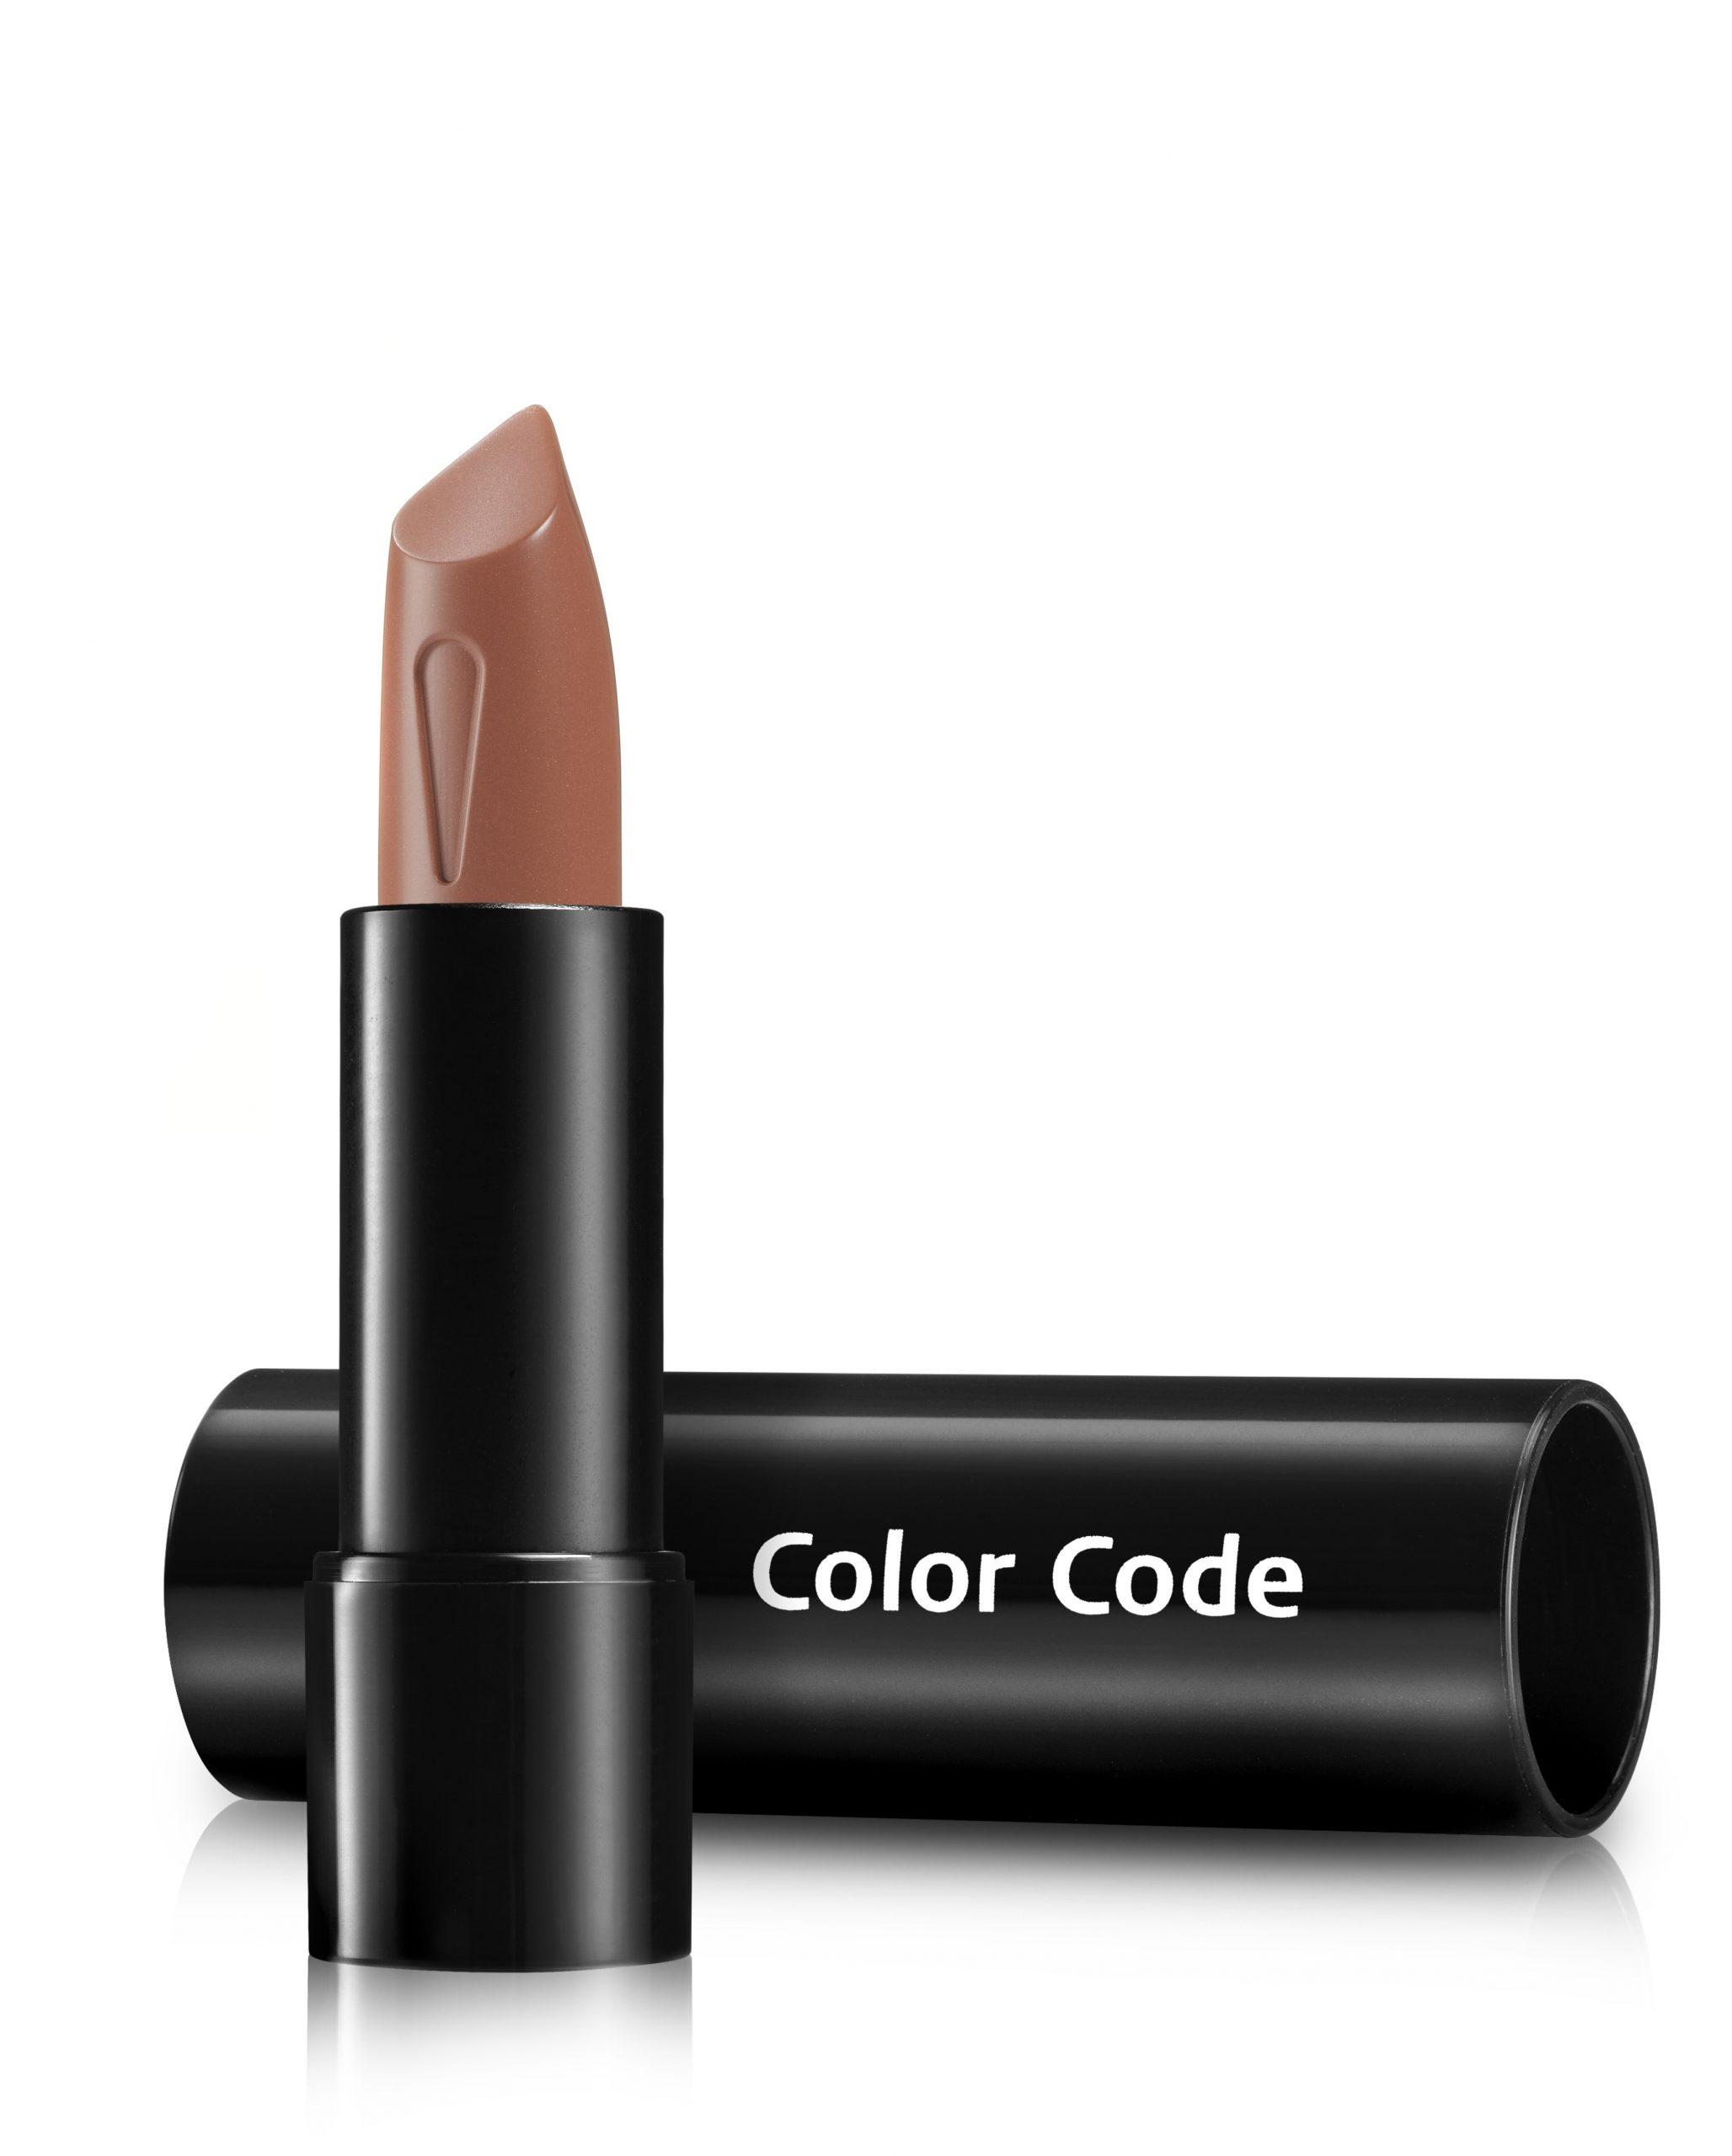 שפתון קולור קוד מבית קרליין גוון N46 מחיר 109.90 שח צילום ימוטי פישביין color code n46